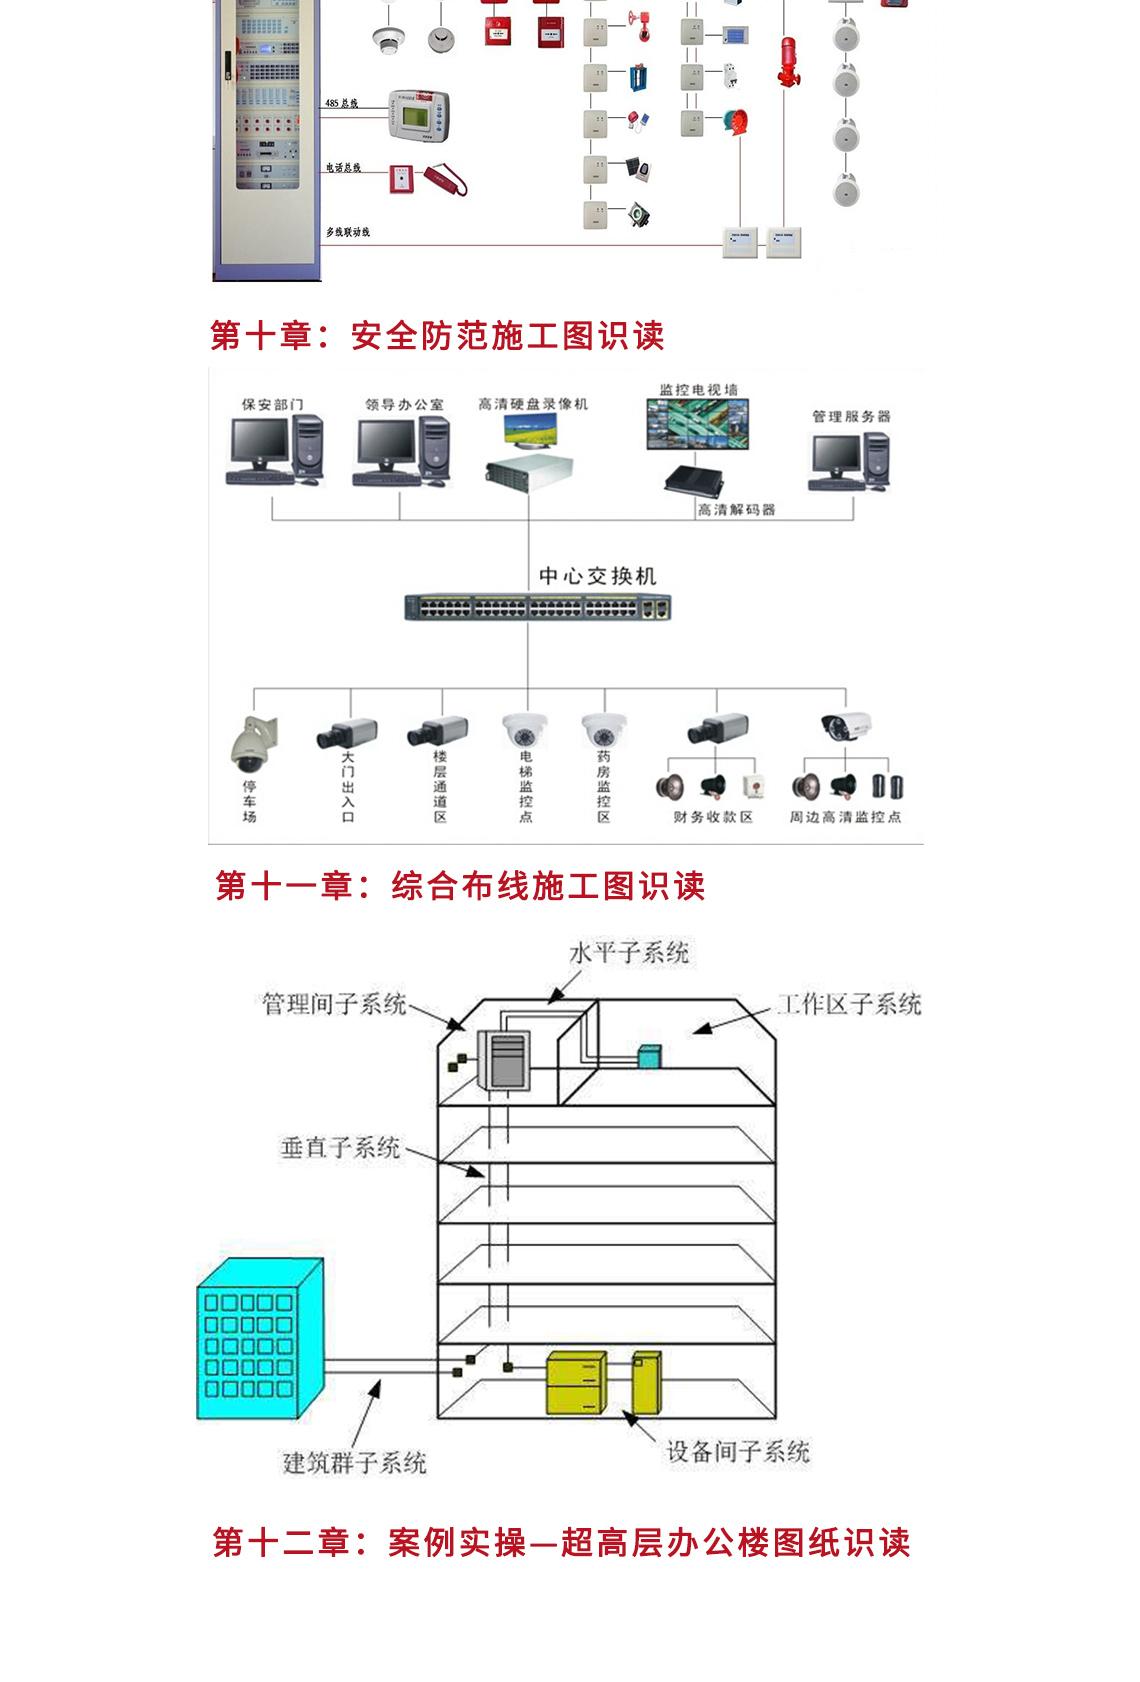 """建筑电气工程识图,变配电工程识图,弱电工程识图,建筑电气图纸绘制"""" style=""""width:1140px;"""